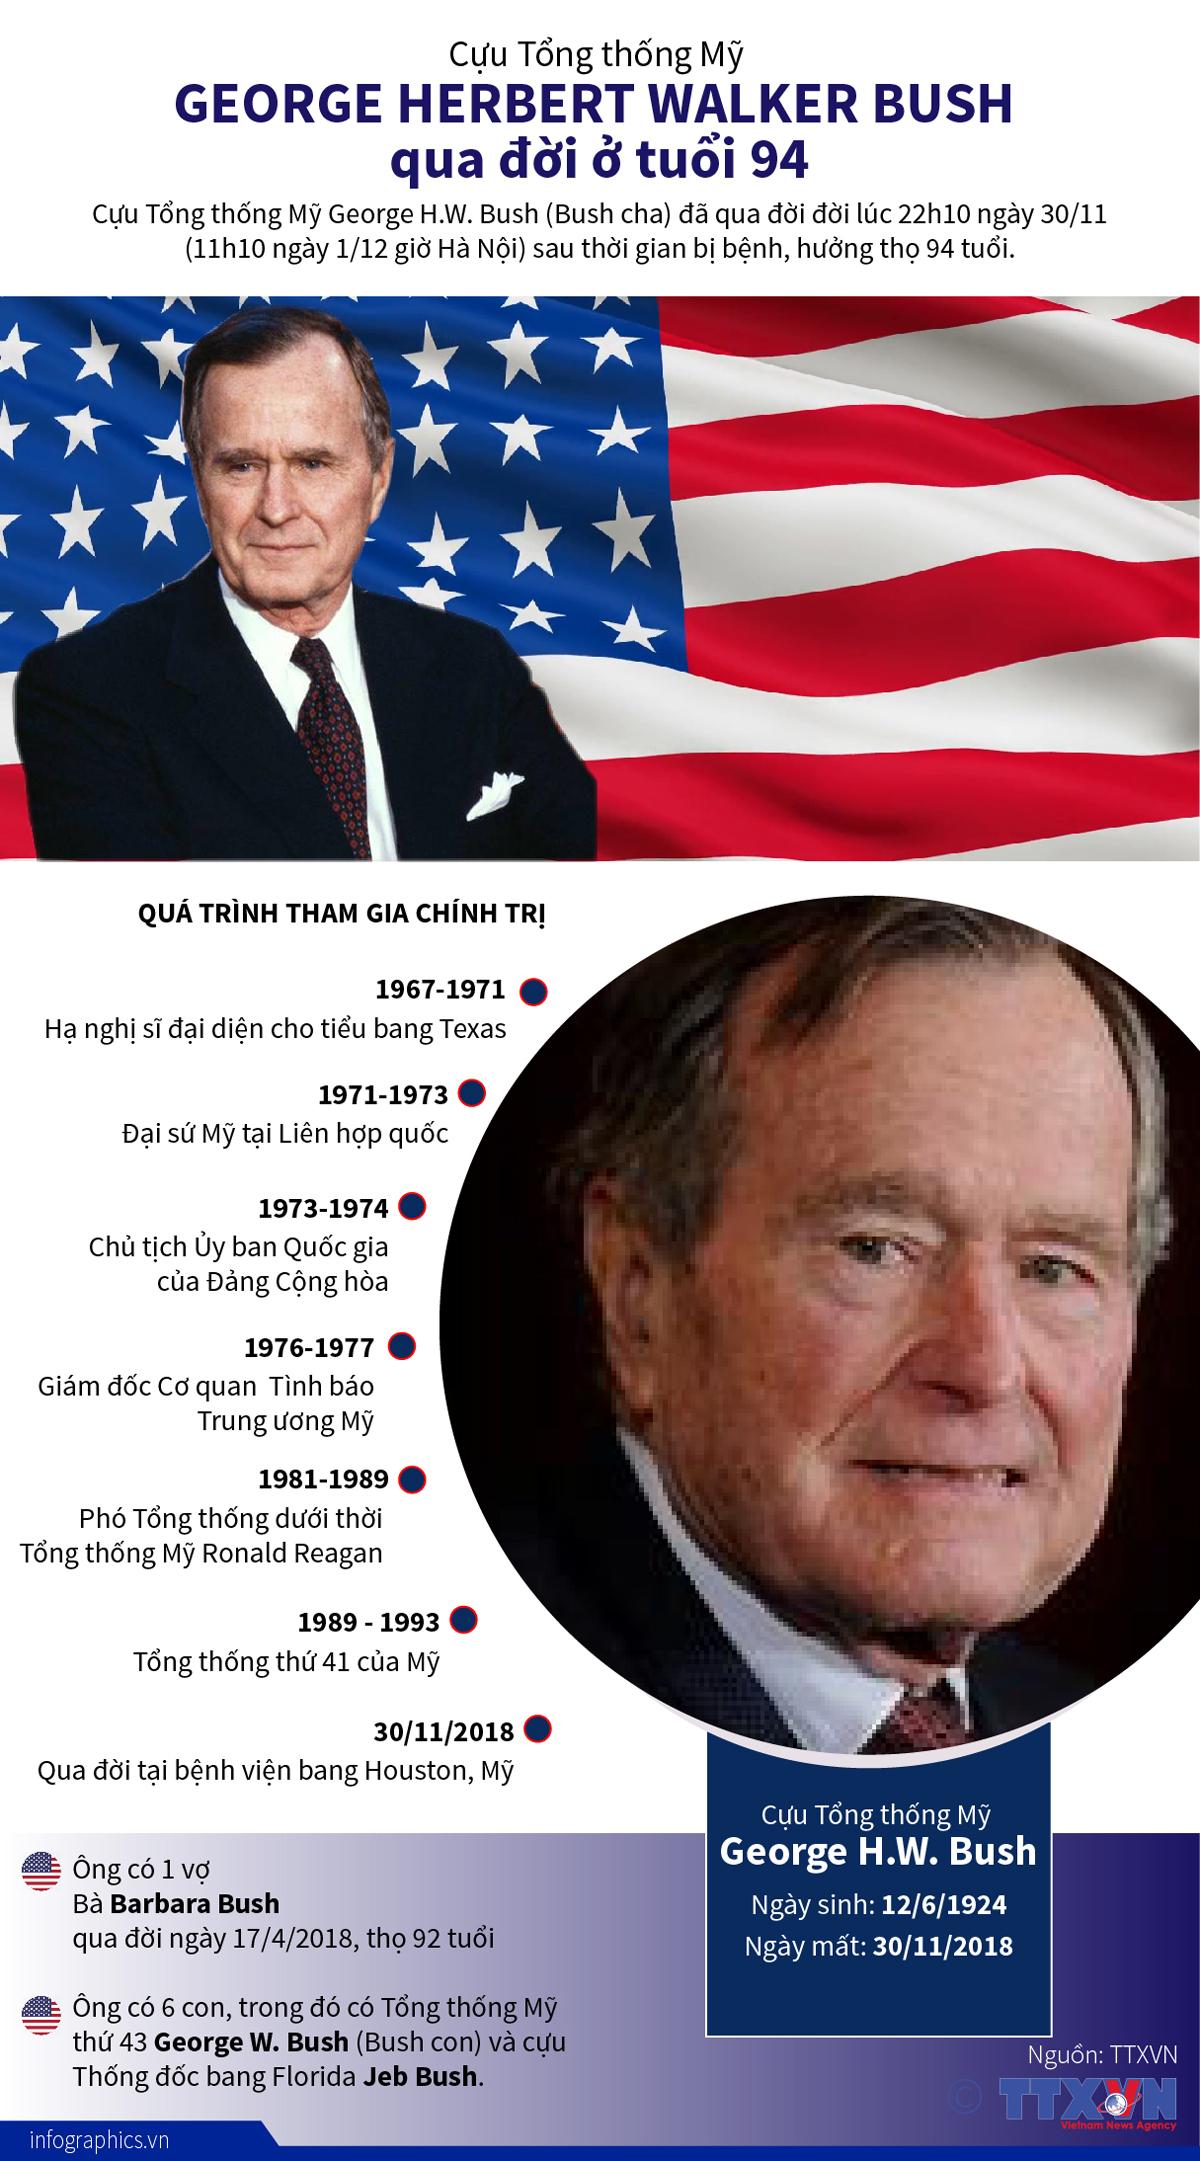 Cựu Tổng thống Mỹ George H.W. Bush, Bush, qua đời, Tổng thống thứ 41 của Mỹ, Mỹ, Bush cha, Bush con